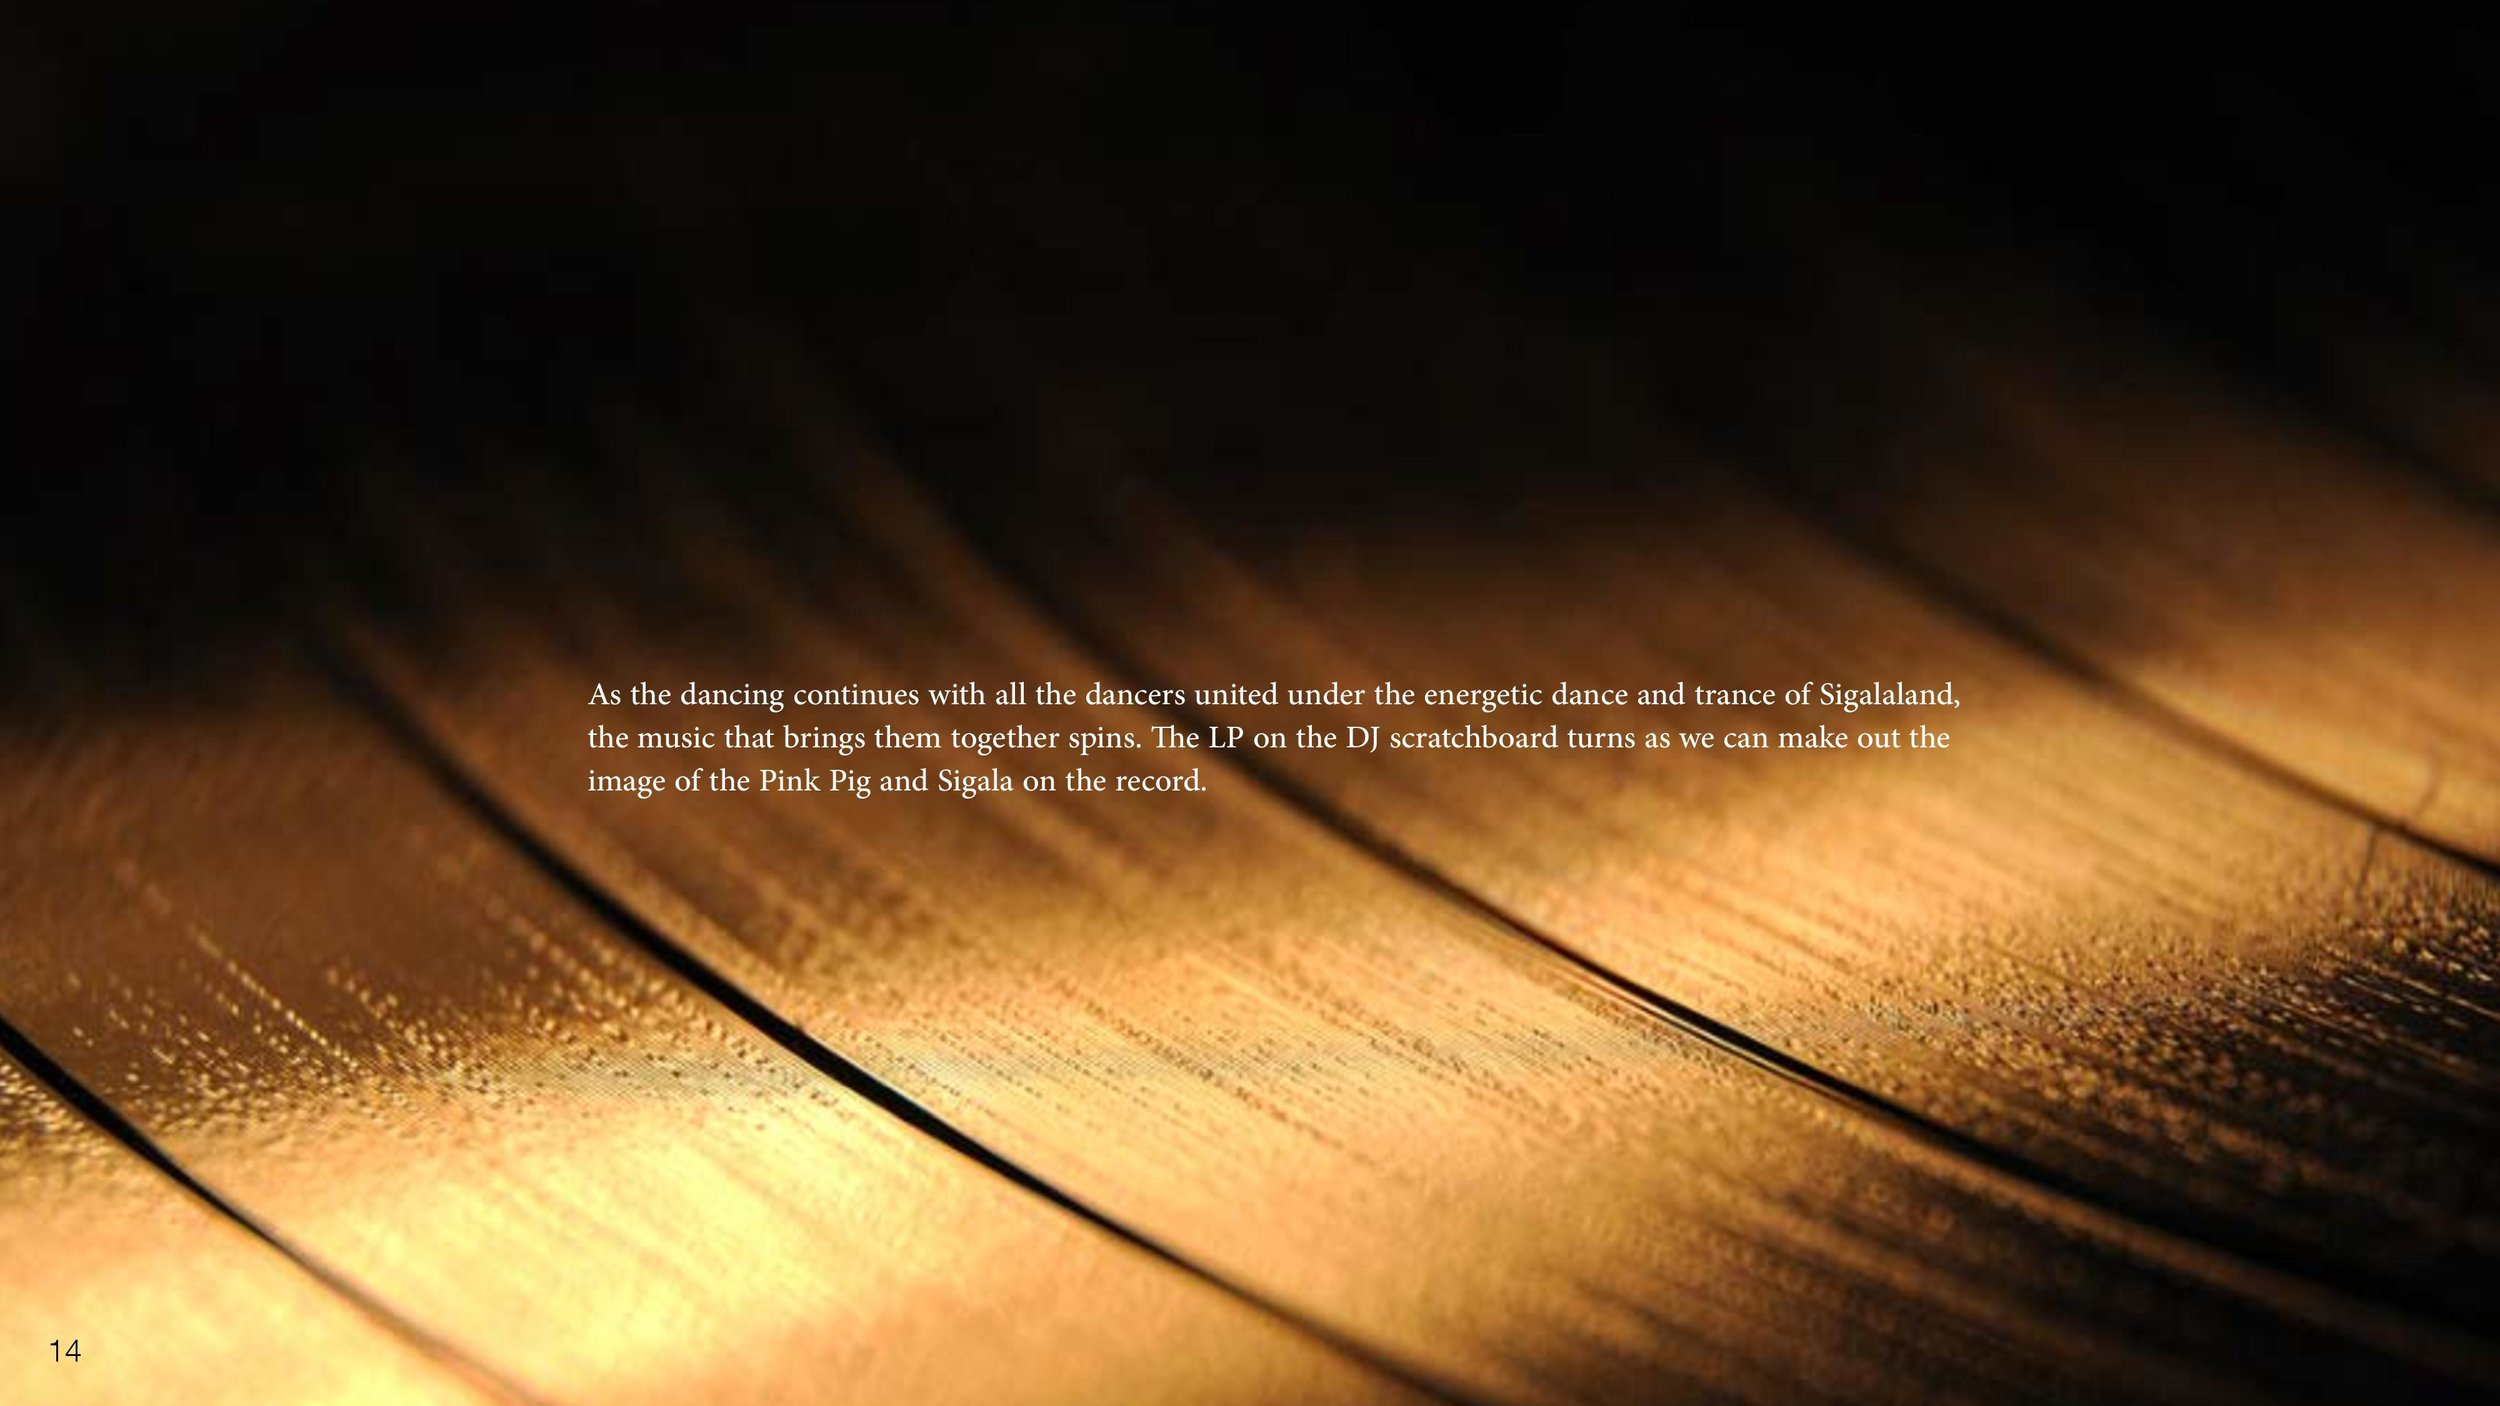 Sigalaland-page-014.jpg